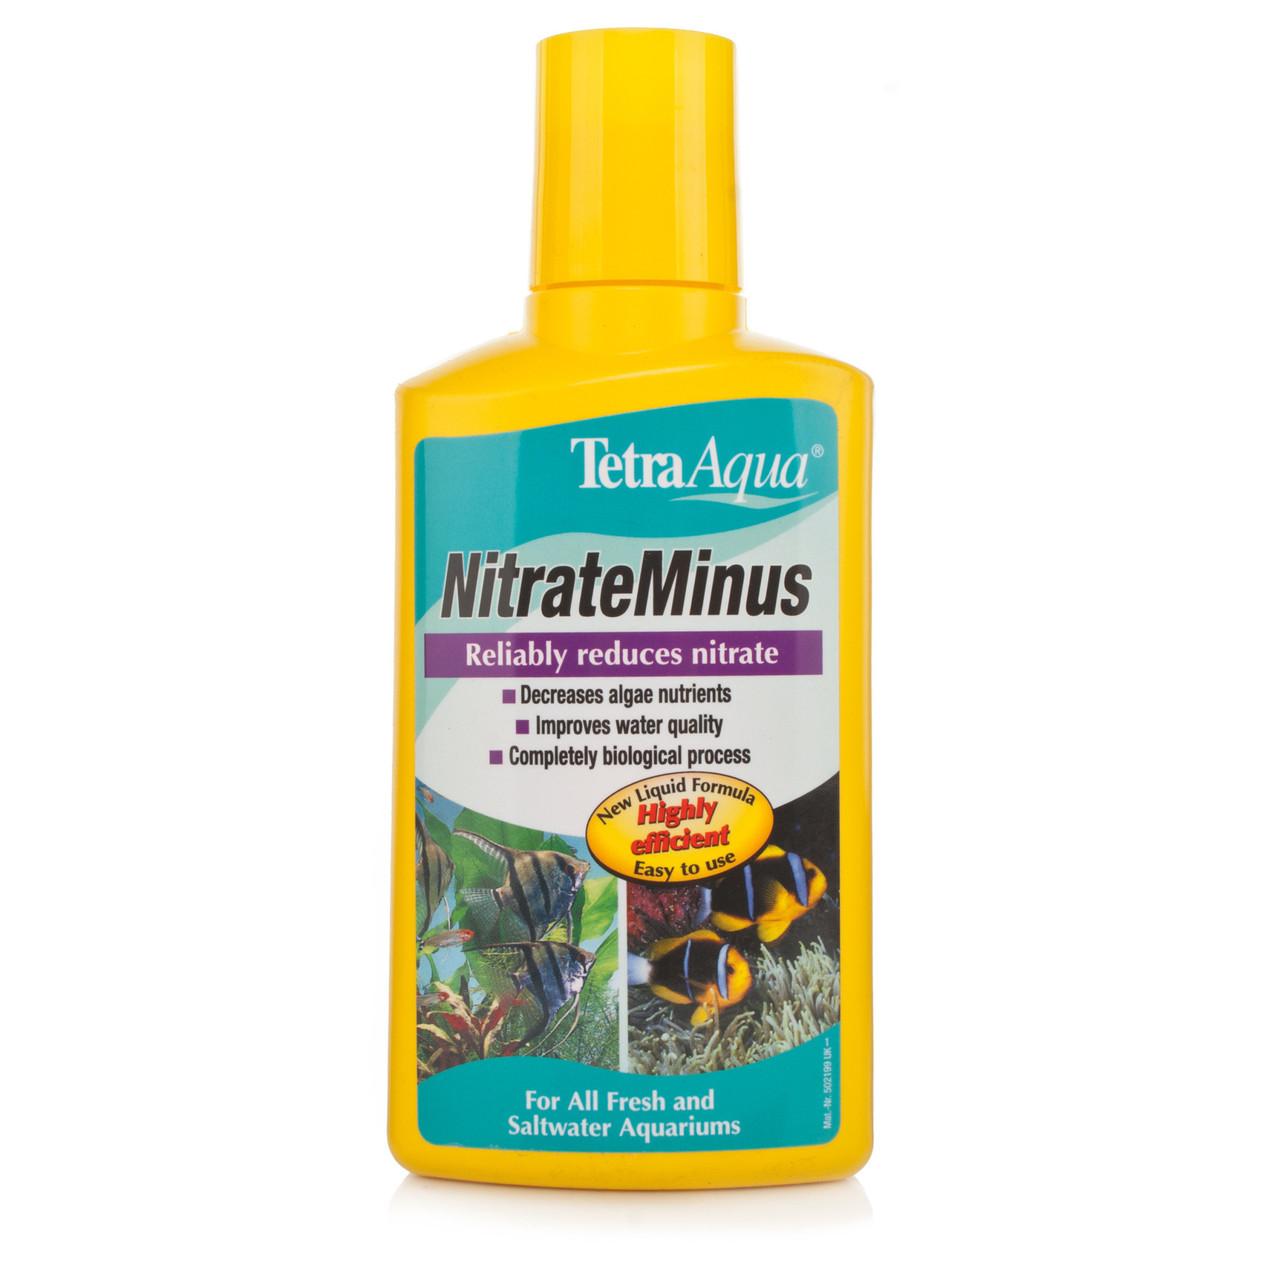 Tetra Aqua Nitrat Min 100ml (жидкий) - средство для снижения содержания нитратов - Интернет-магазин «Моё дело» в Харькове